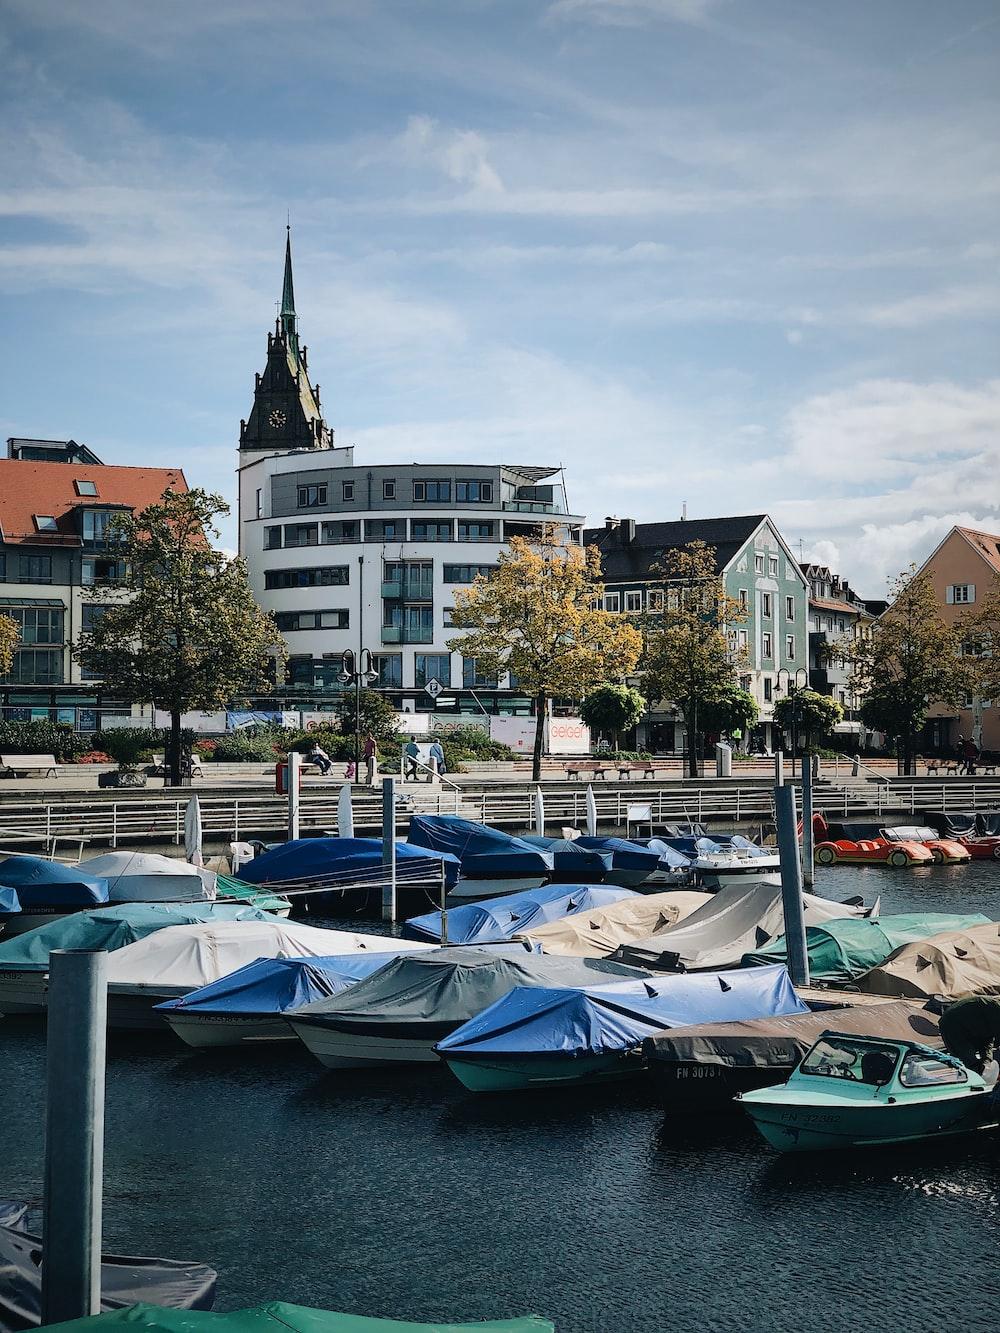 motorboats in pier